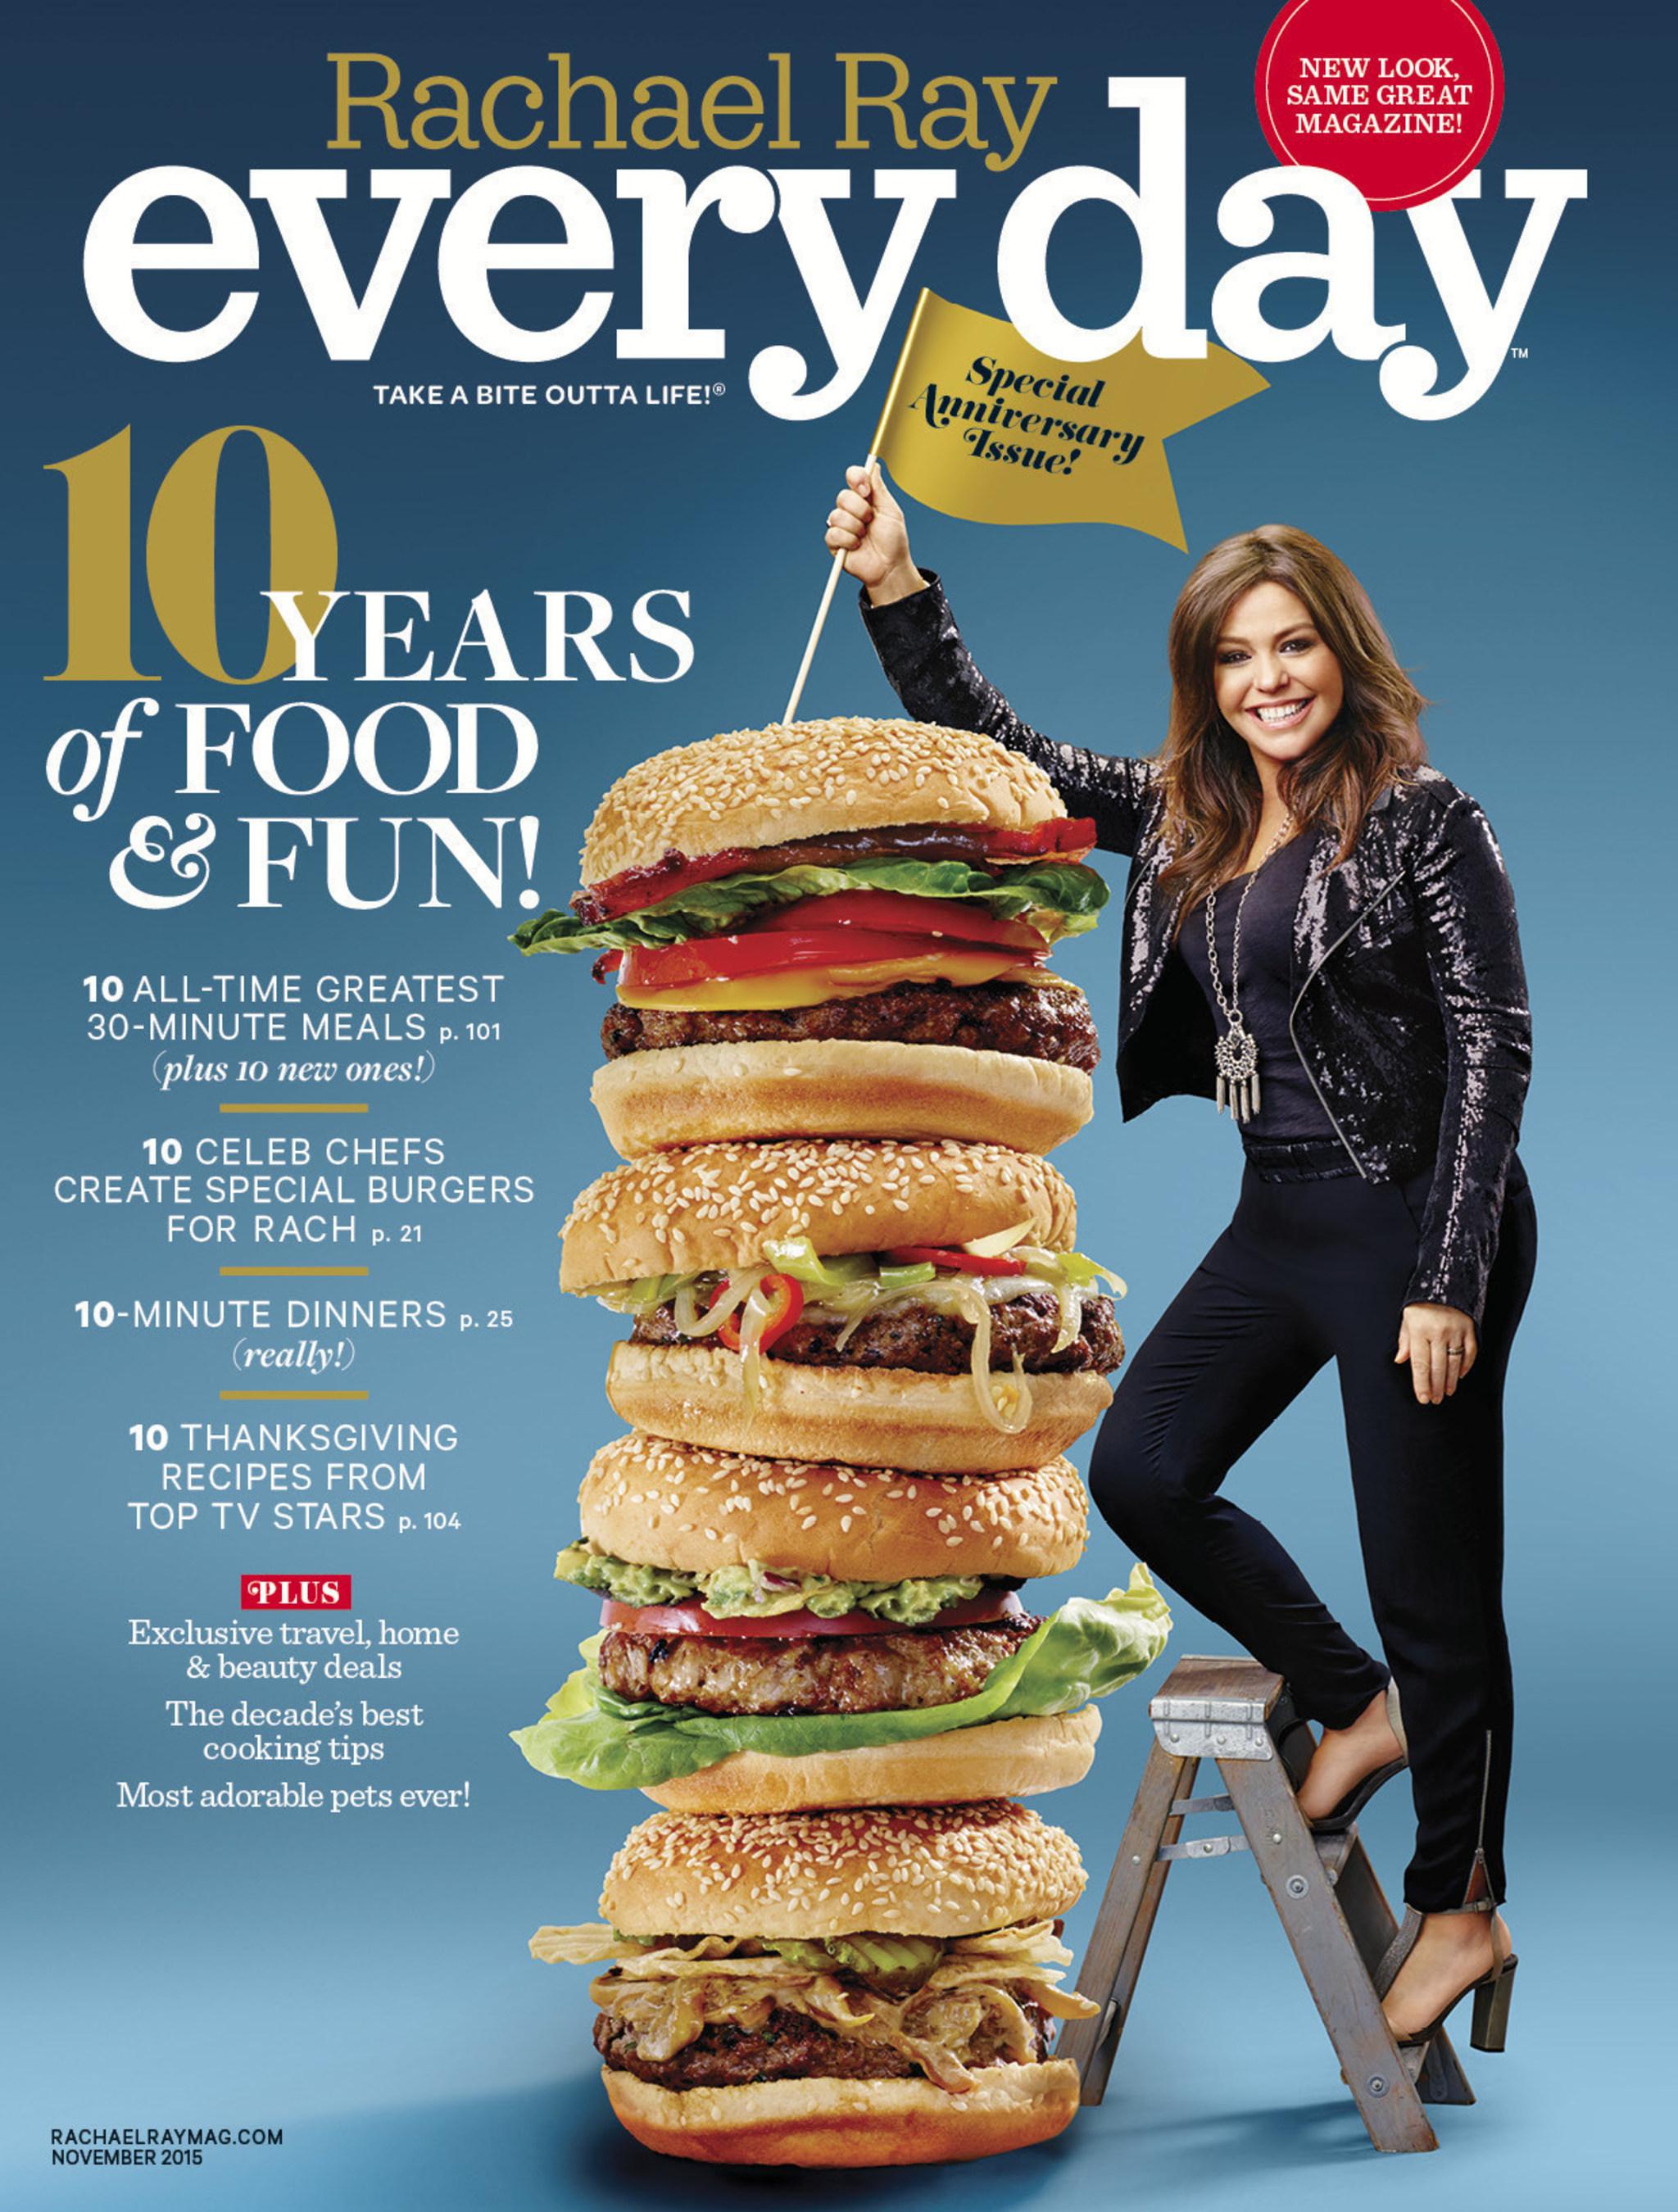 Rachael Ray Every Day Magazine Celebrates 10-Year Anniversary